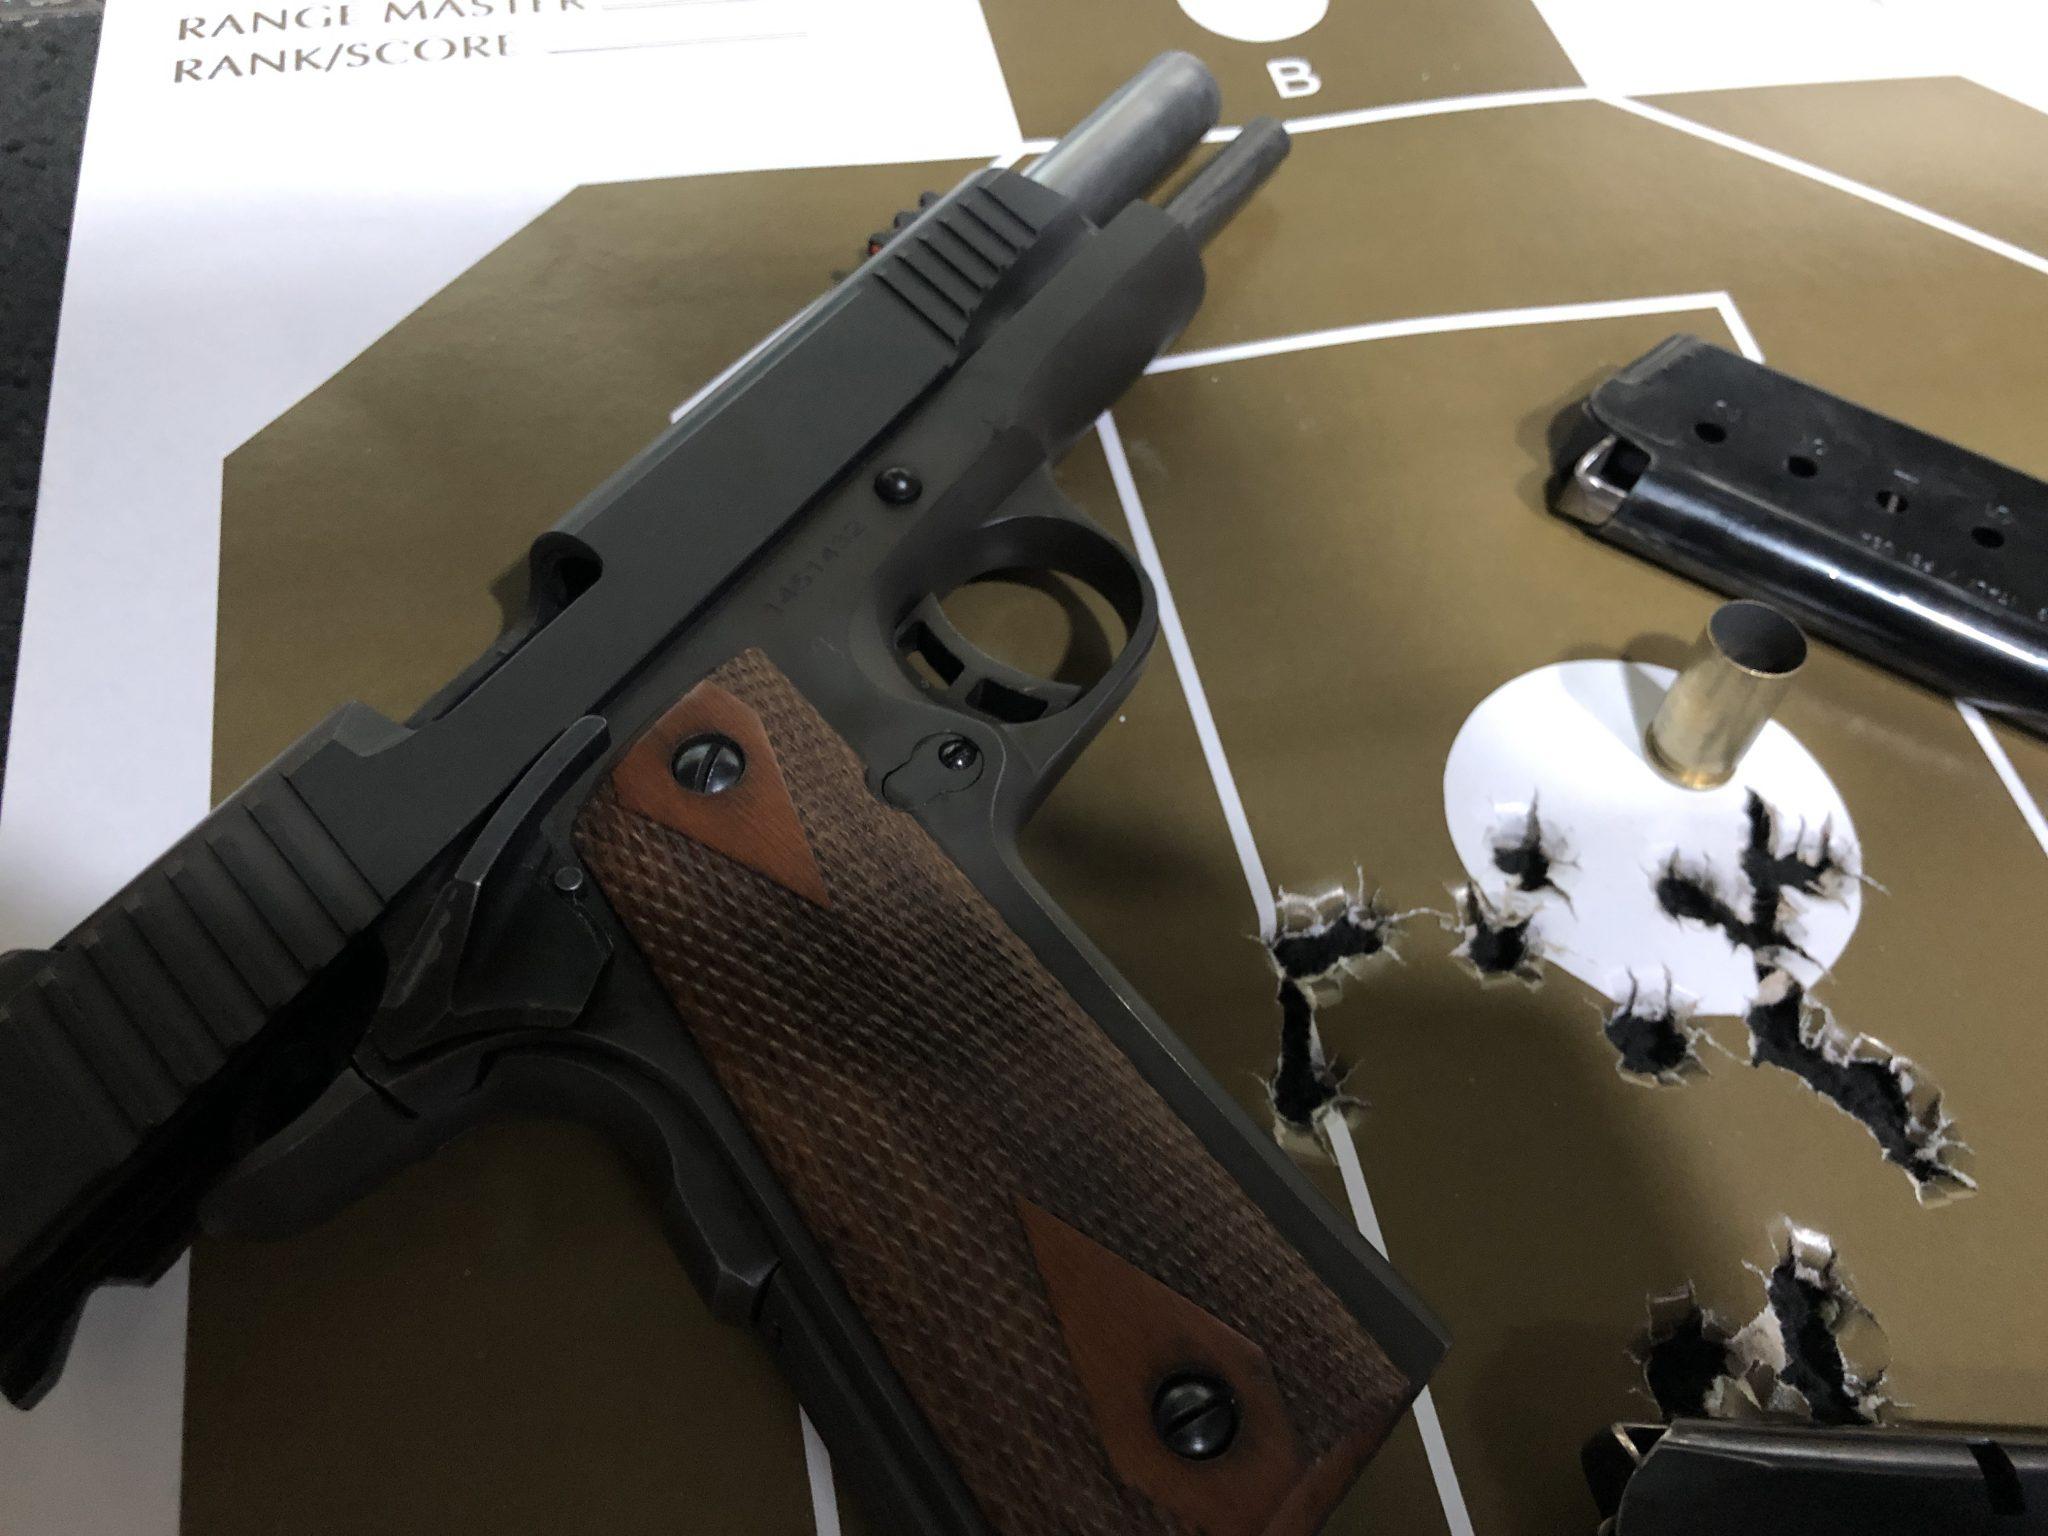 6CA97DDF EF5F 4881 BA9D EFF20DDB4199 - 2020フィリピン行って実銃撃ってきたpart4 射撃編